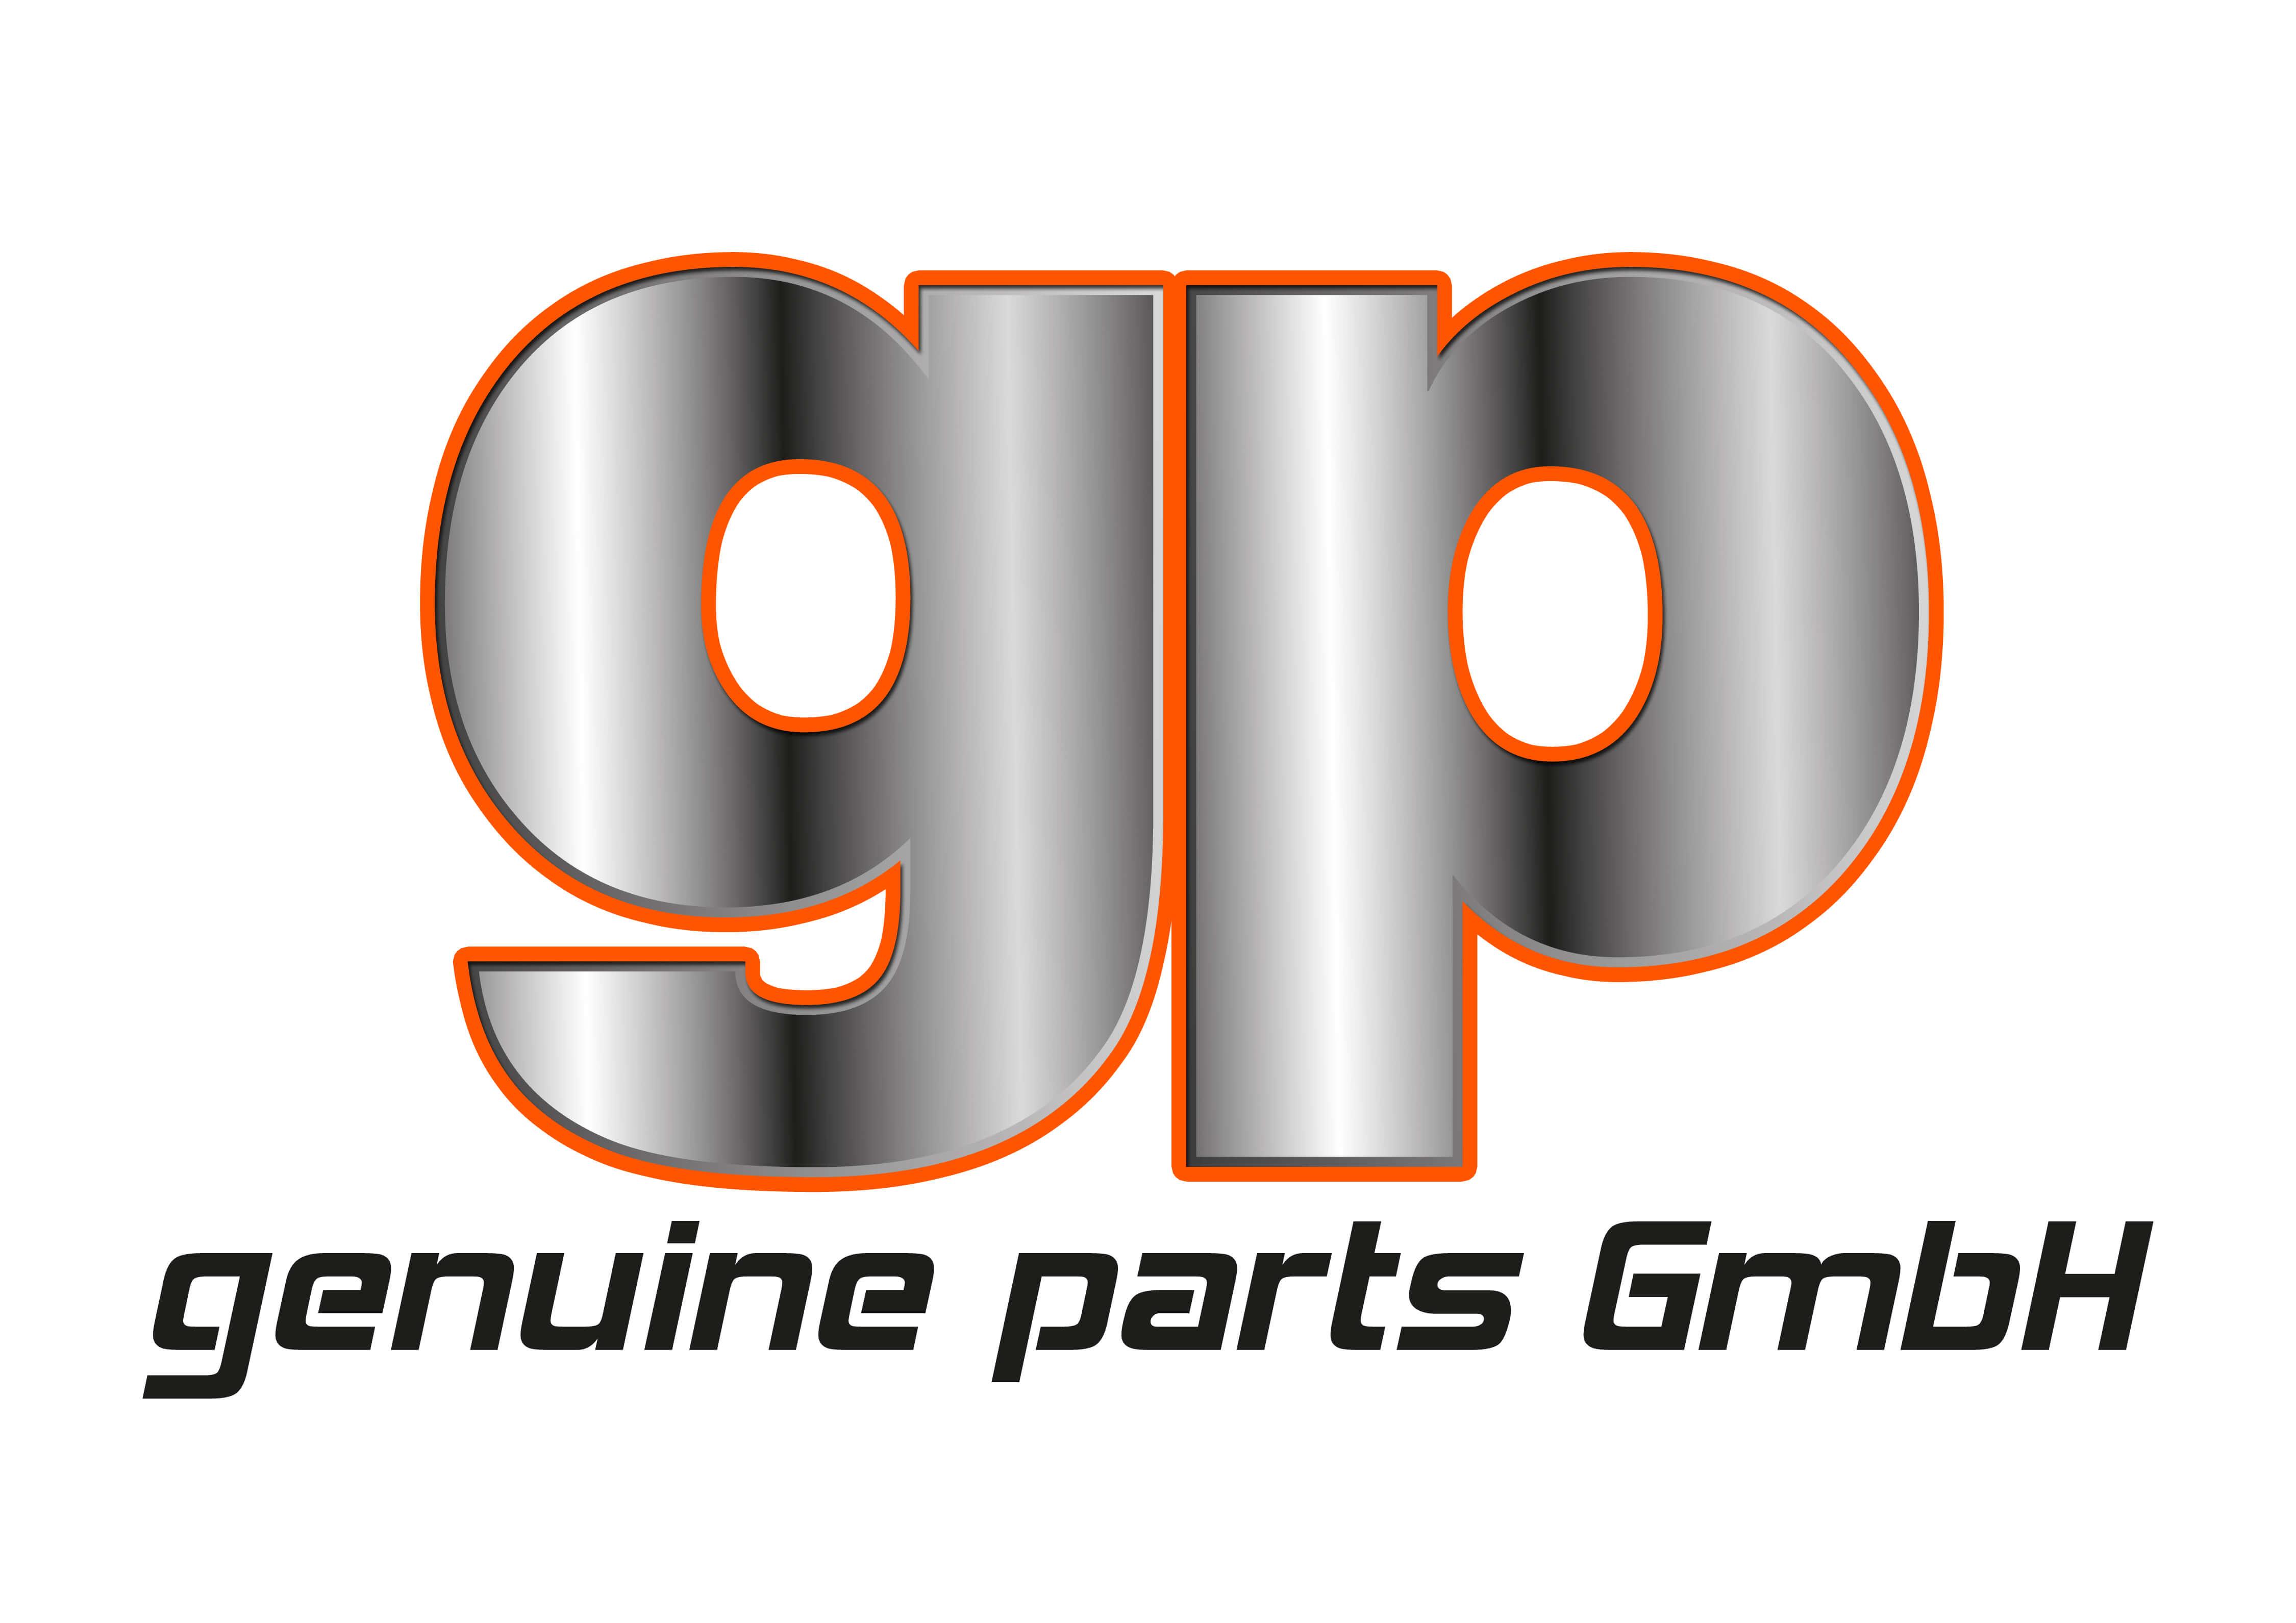 Referenzkunde Genuine Parts Logo